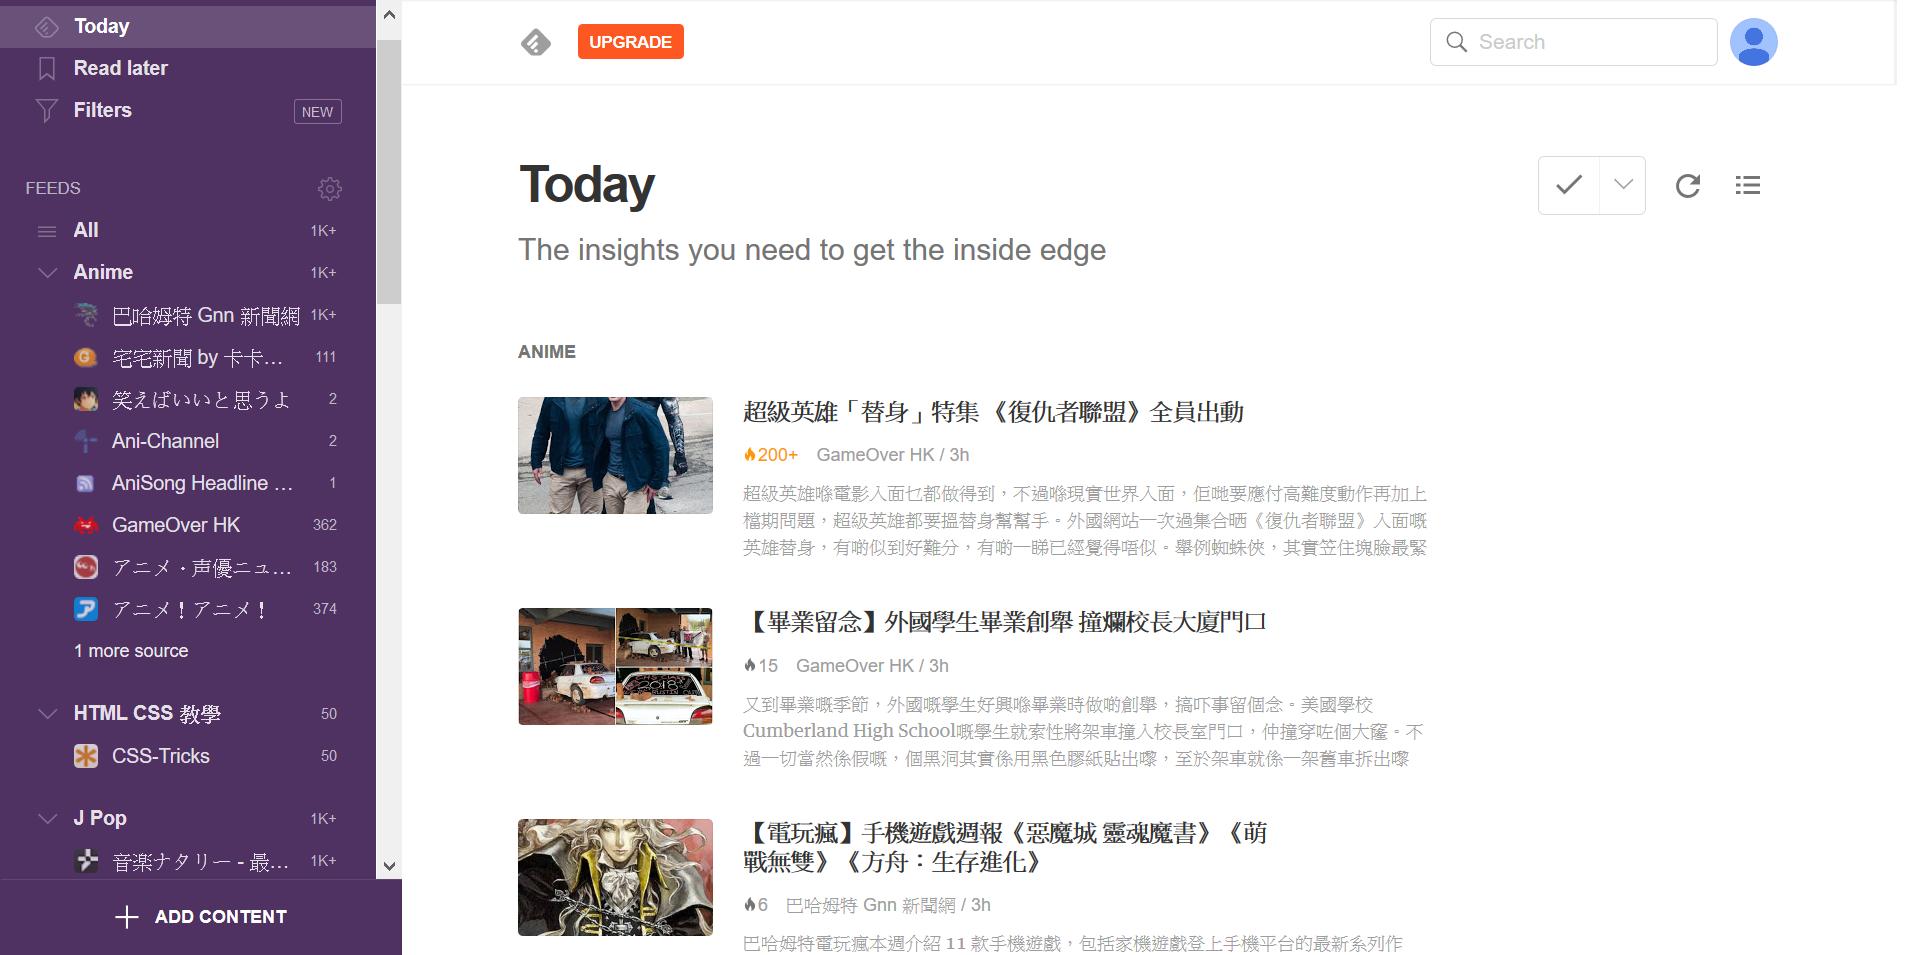 【Feedly 教學】利用 Feedly 作 RSS 訂閱,主動接收世界資訊吧!